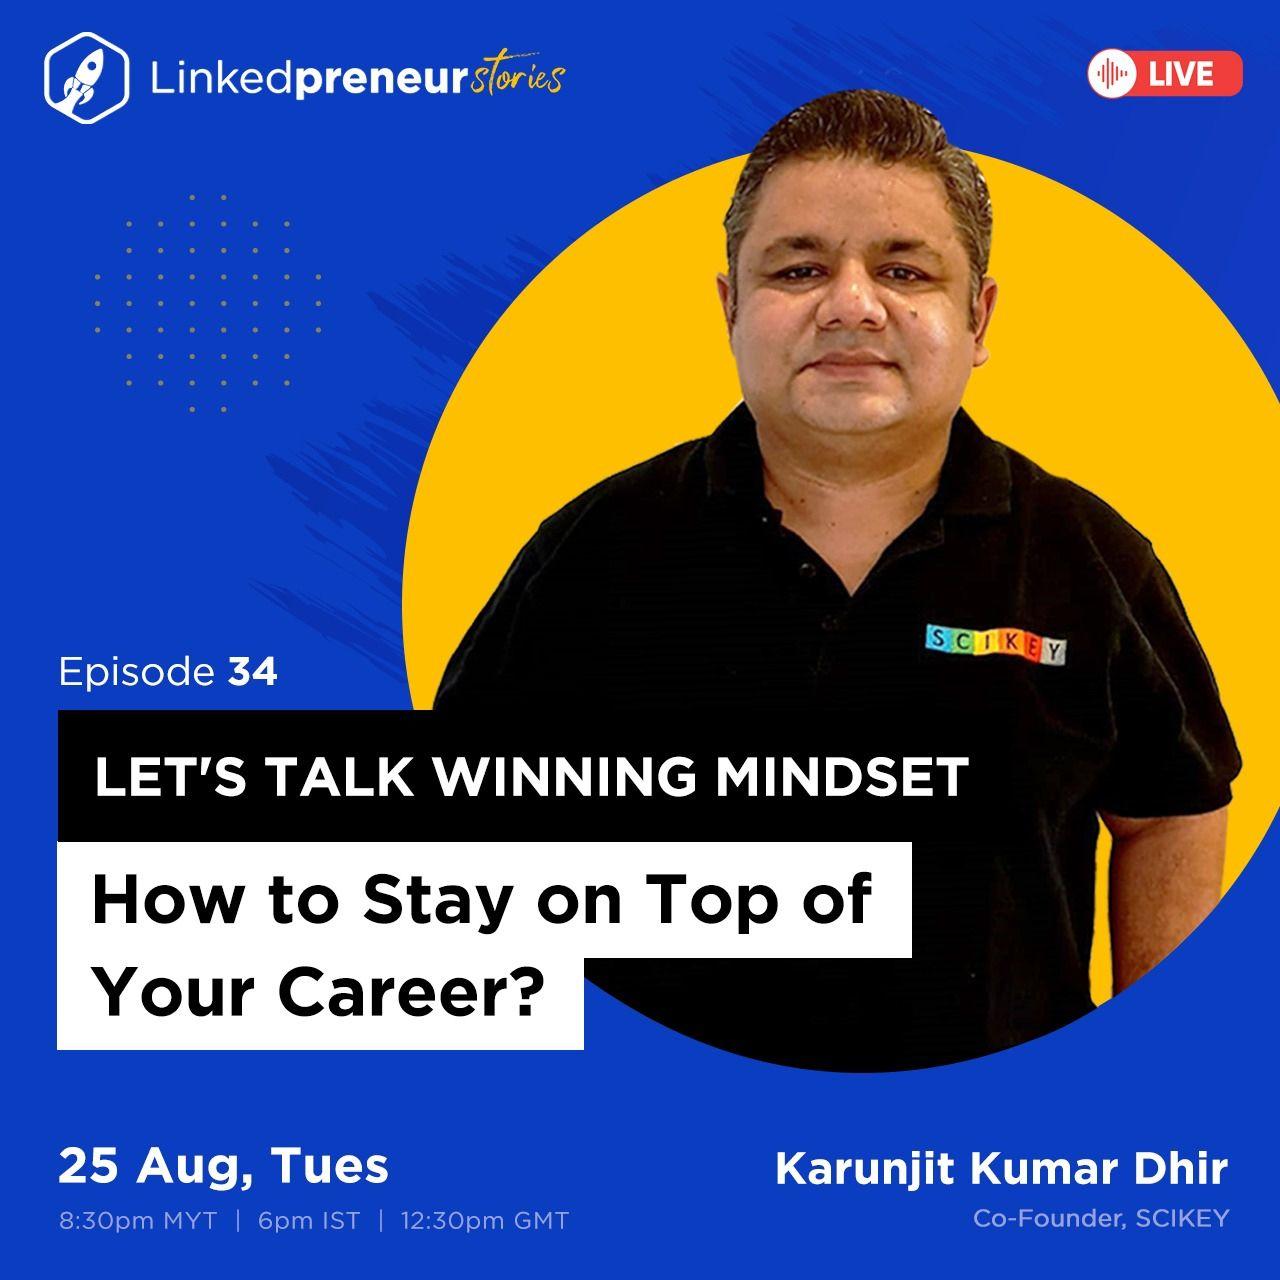 Karunjit Kumar Dhir on LinkedIn: #Linkedpreneur | 19 comments